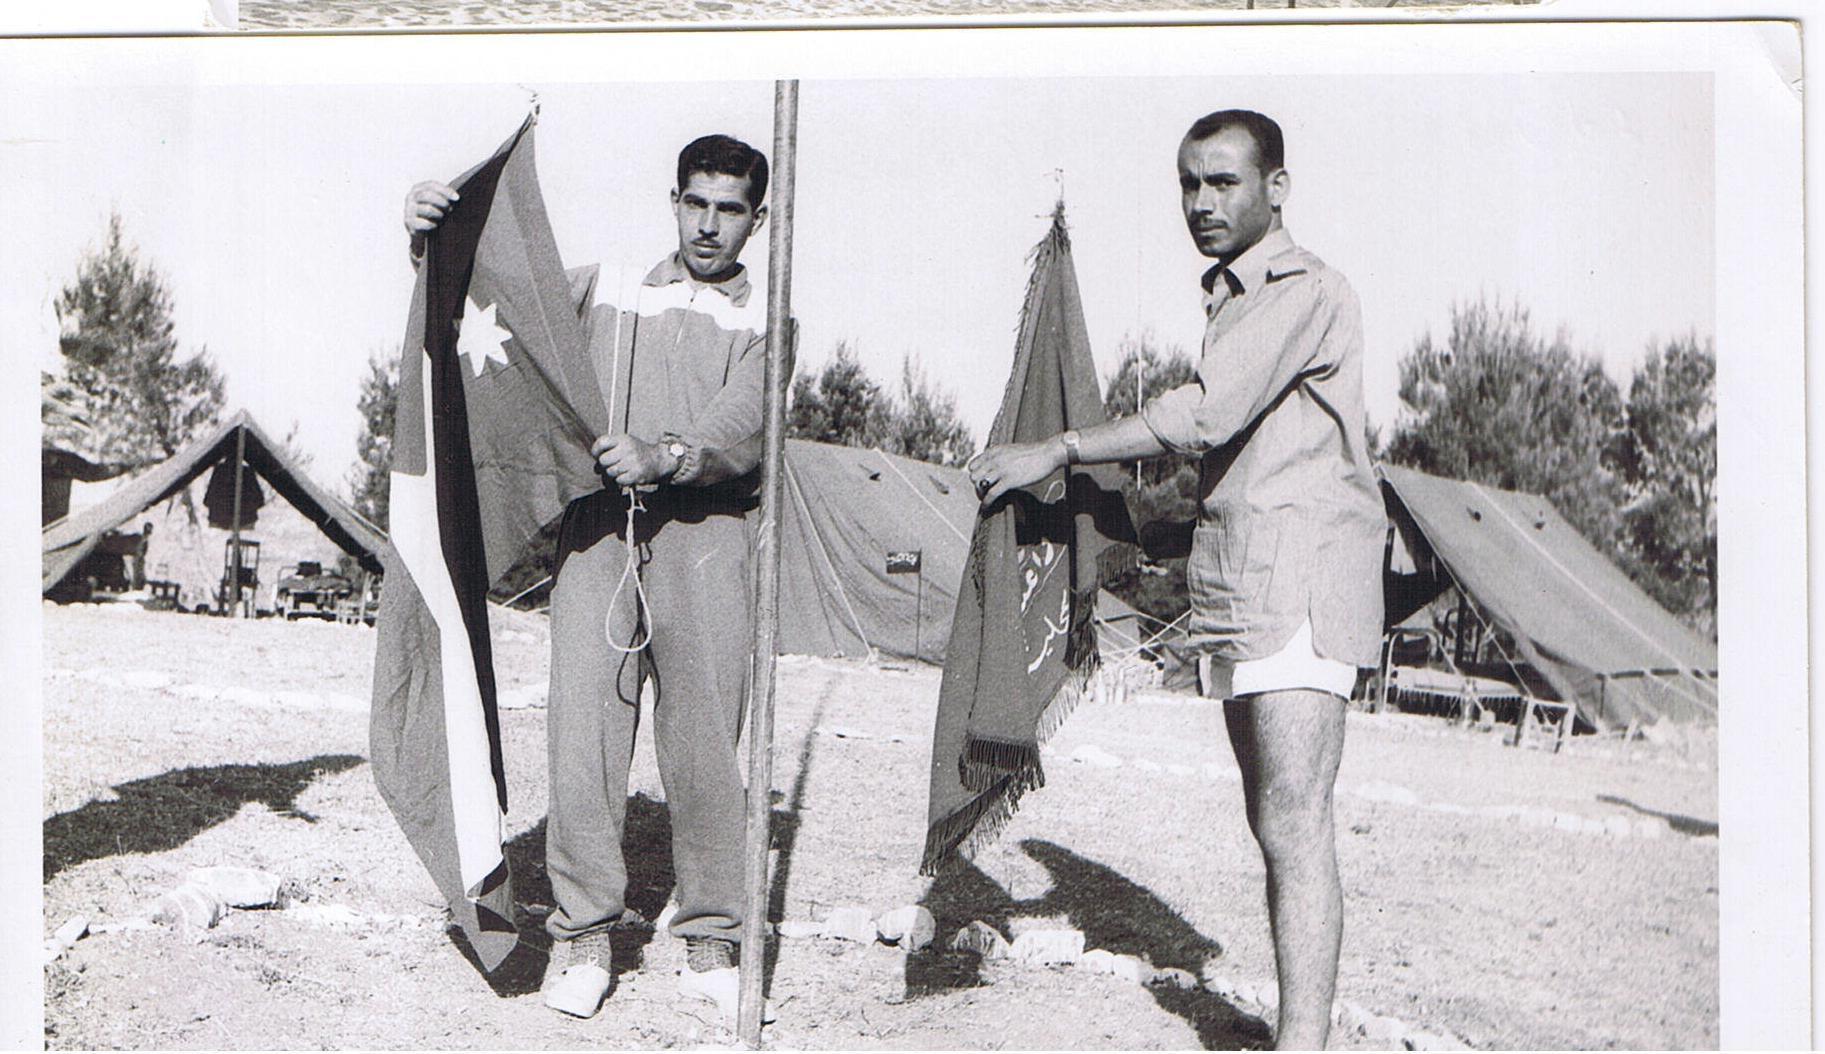 الكشافة النابلسية.. تاريخٌ وحضارة